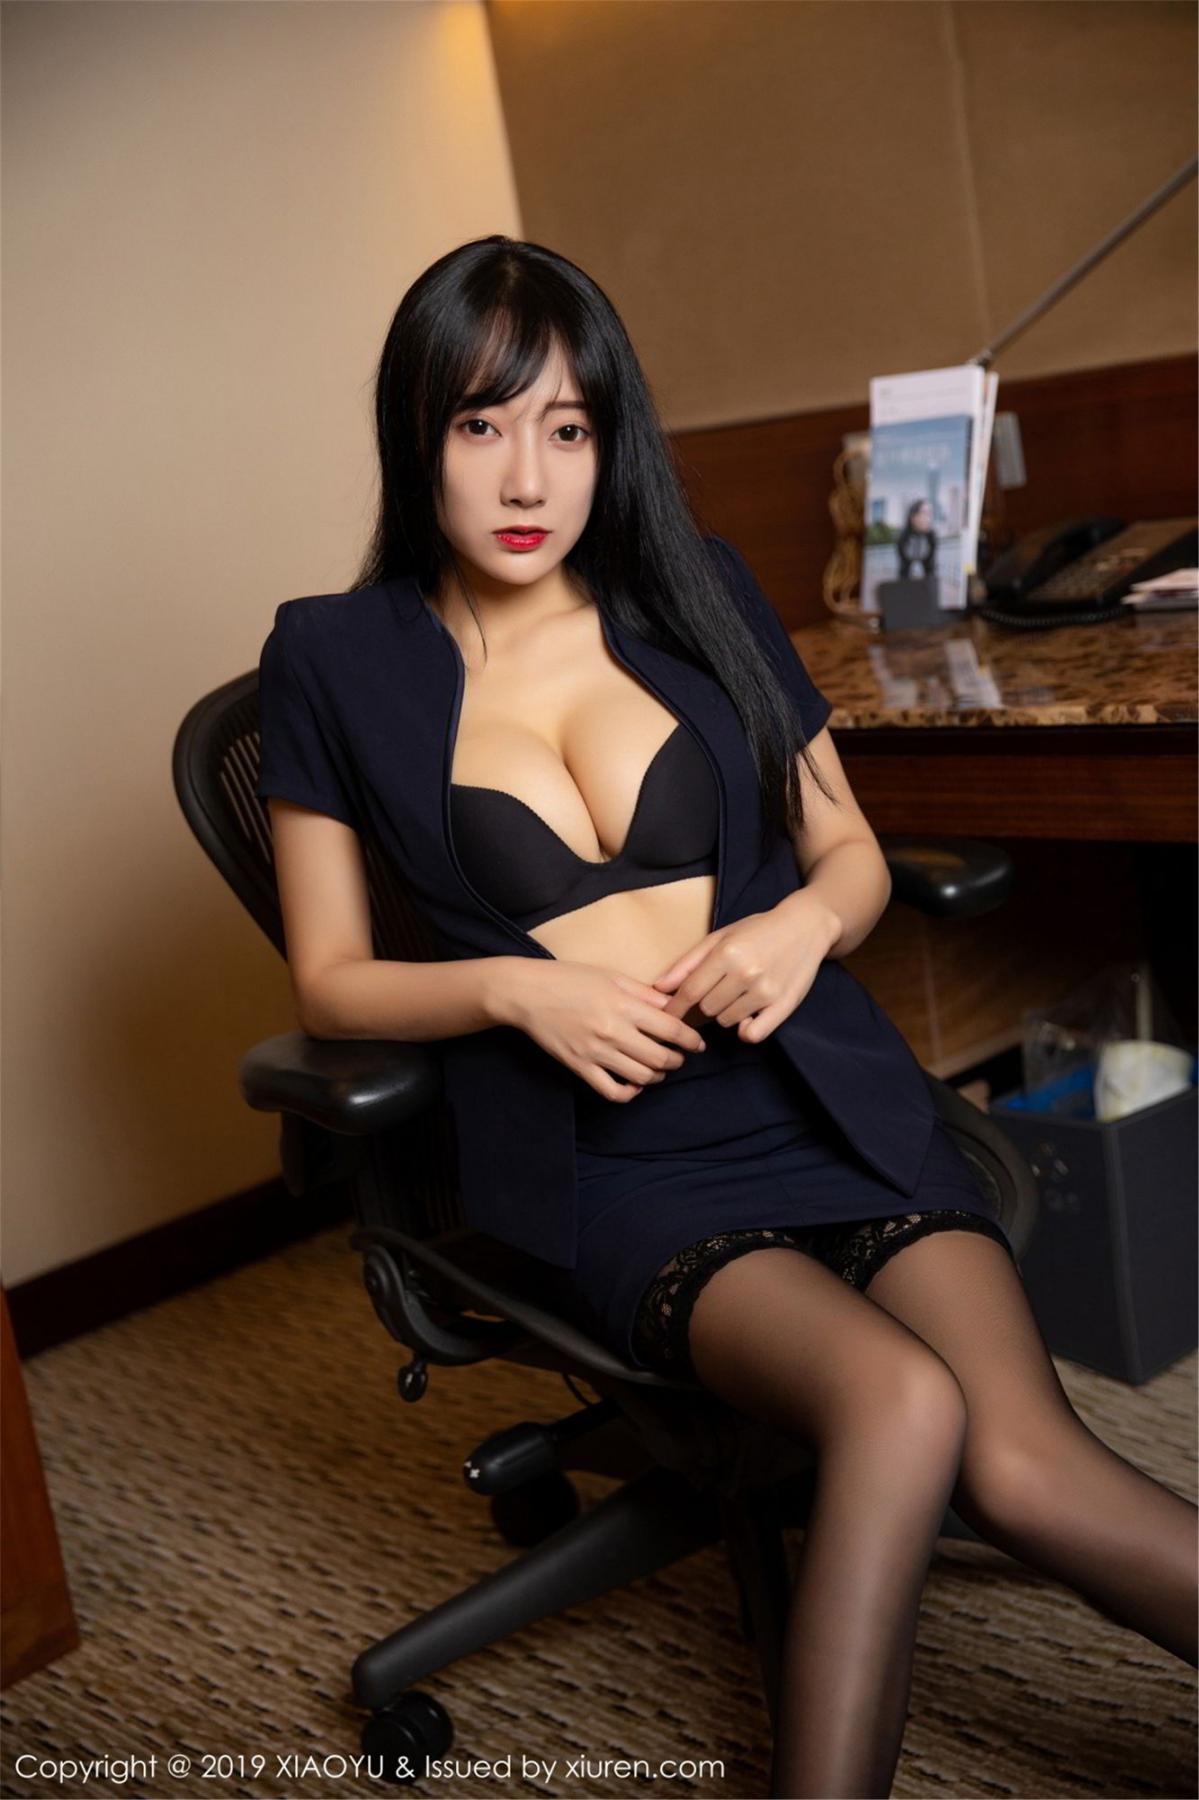 [XiaoYu] Vol.068 He Jia Ying 23P, Black Silk, He Jia Ying, Uniform, XiaoYu